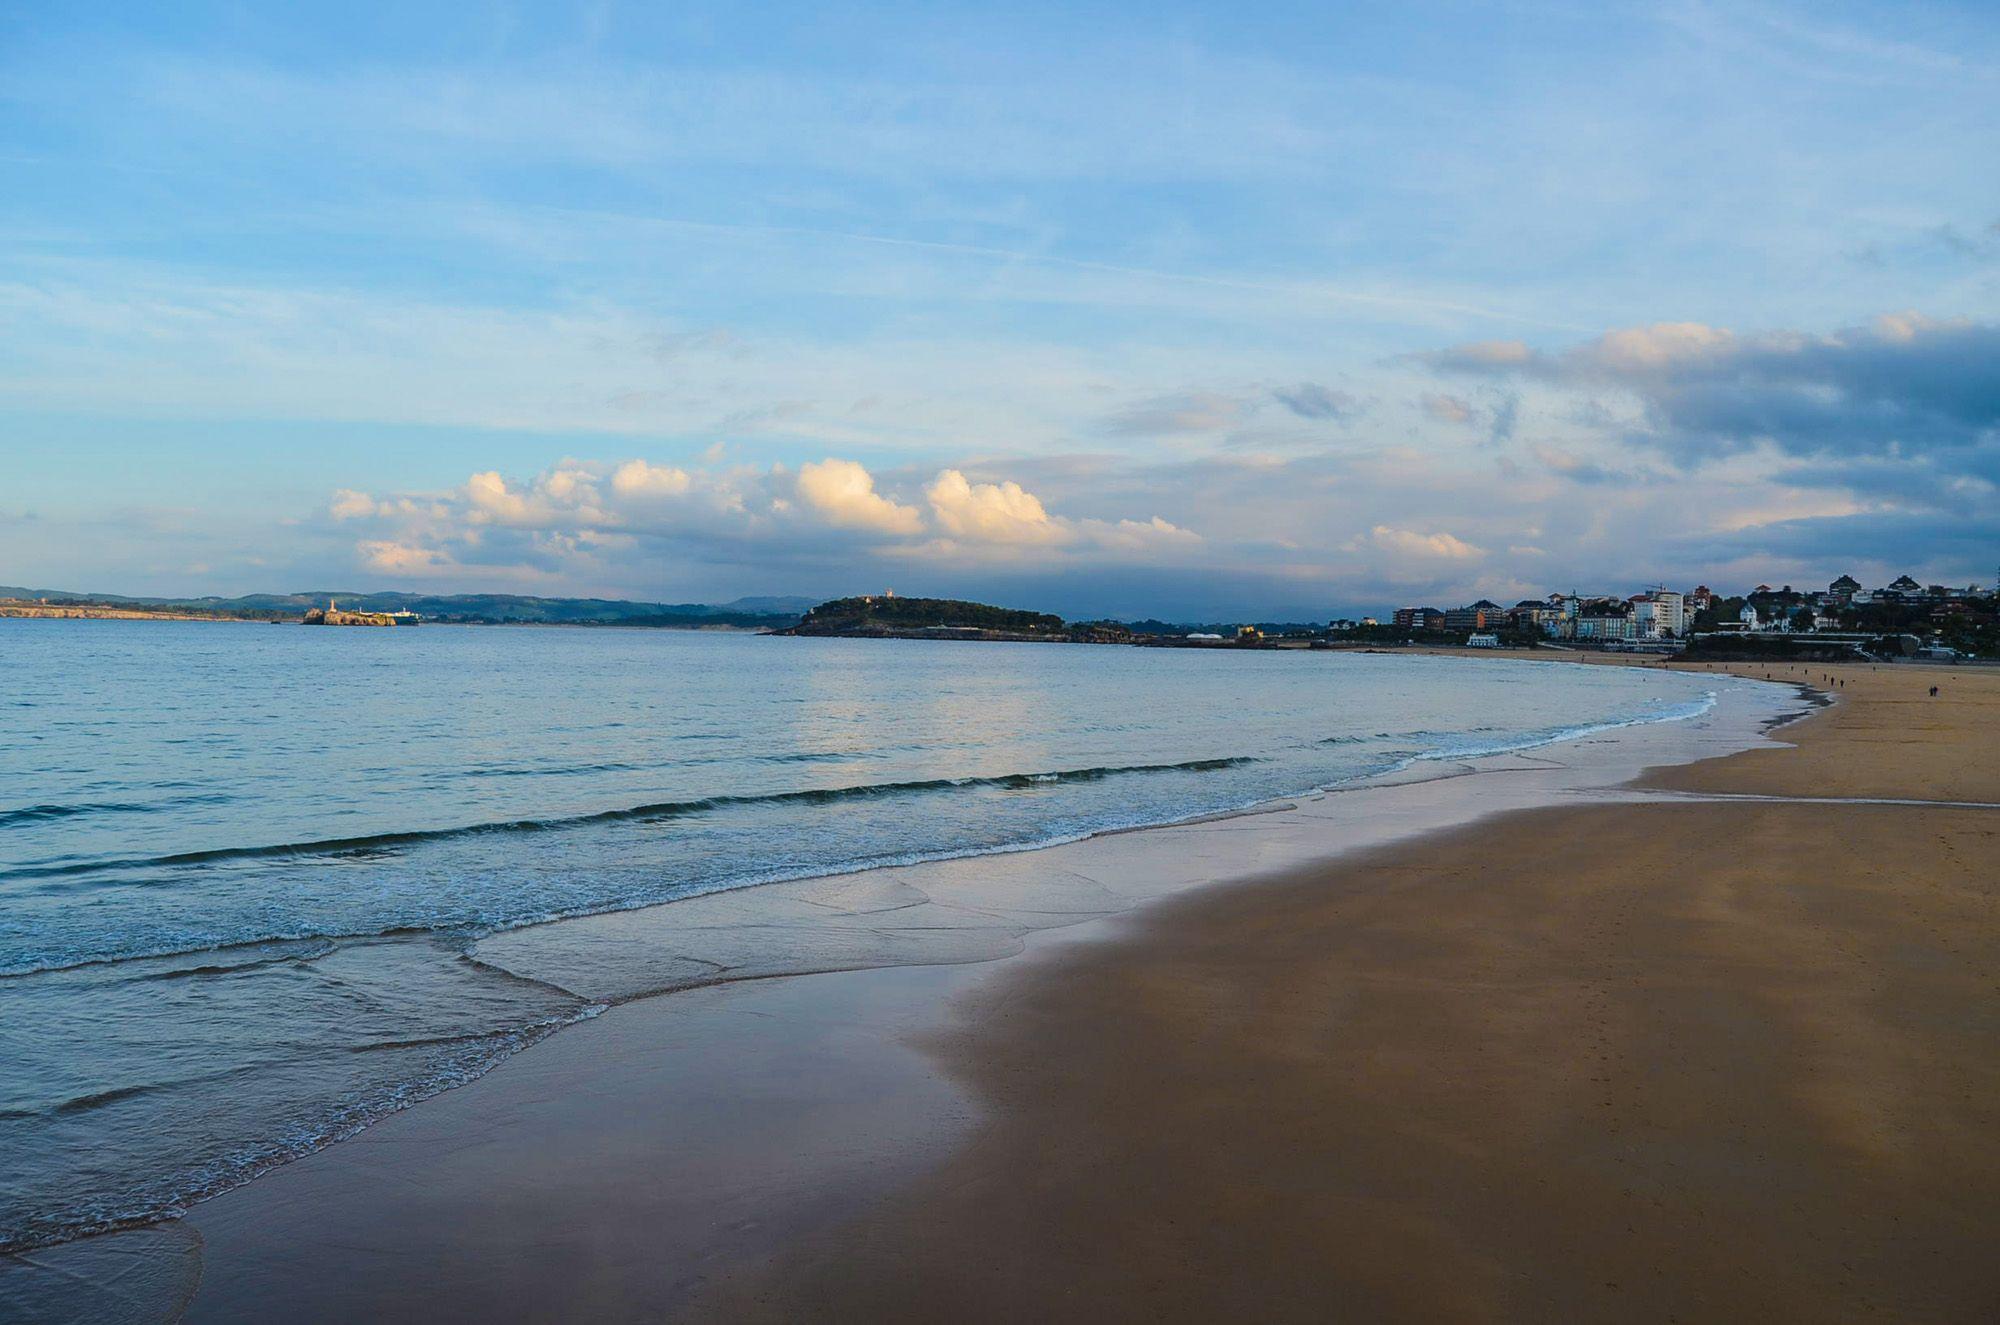 Playa del Sardinero, Santander, Cantabria